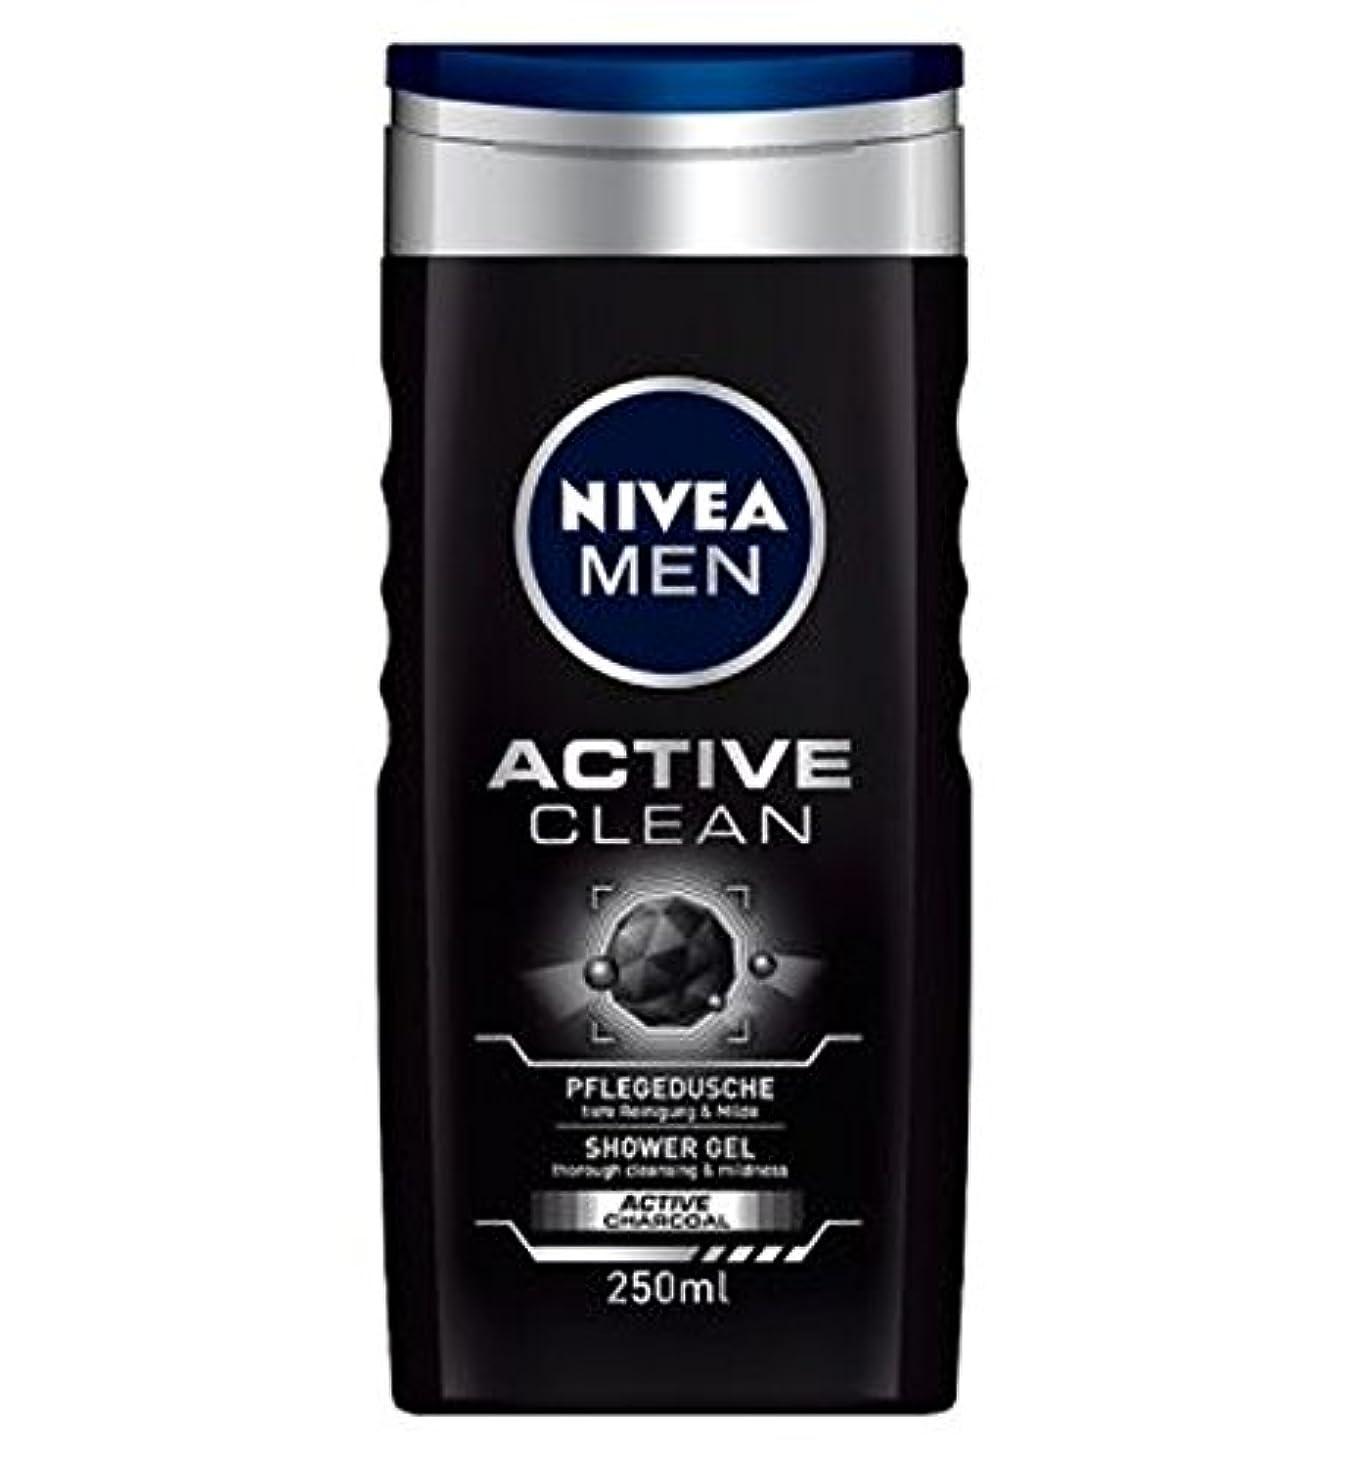 一節昆虫を見る息切れNIVEA MEN Active Clean Shower Gel 250ml - ニベアの男性アクティブクリーンシャワージェル250ミリリットル (Nivea) [並行輸入品]